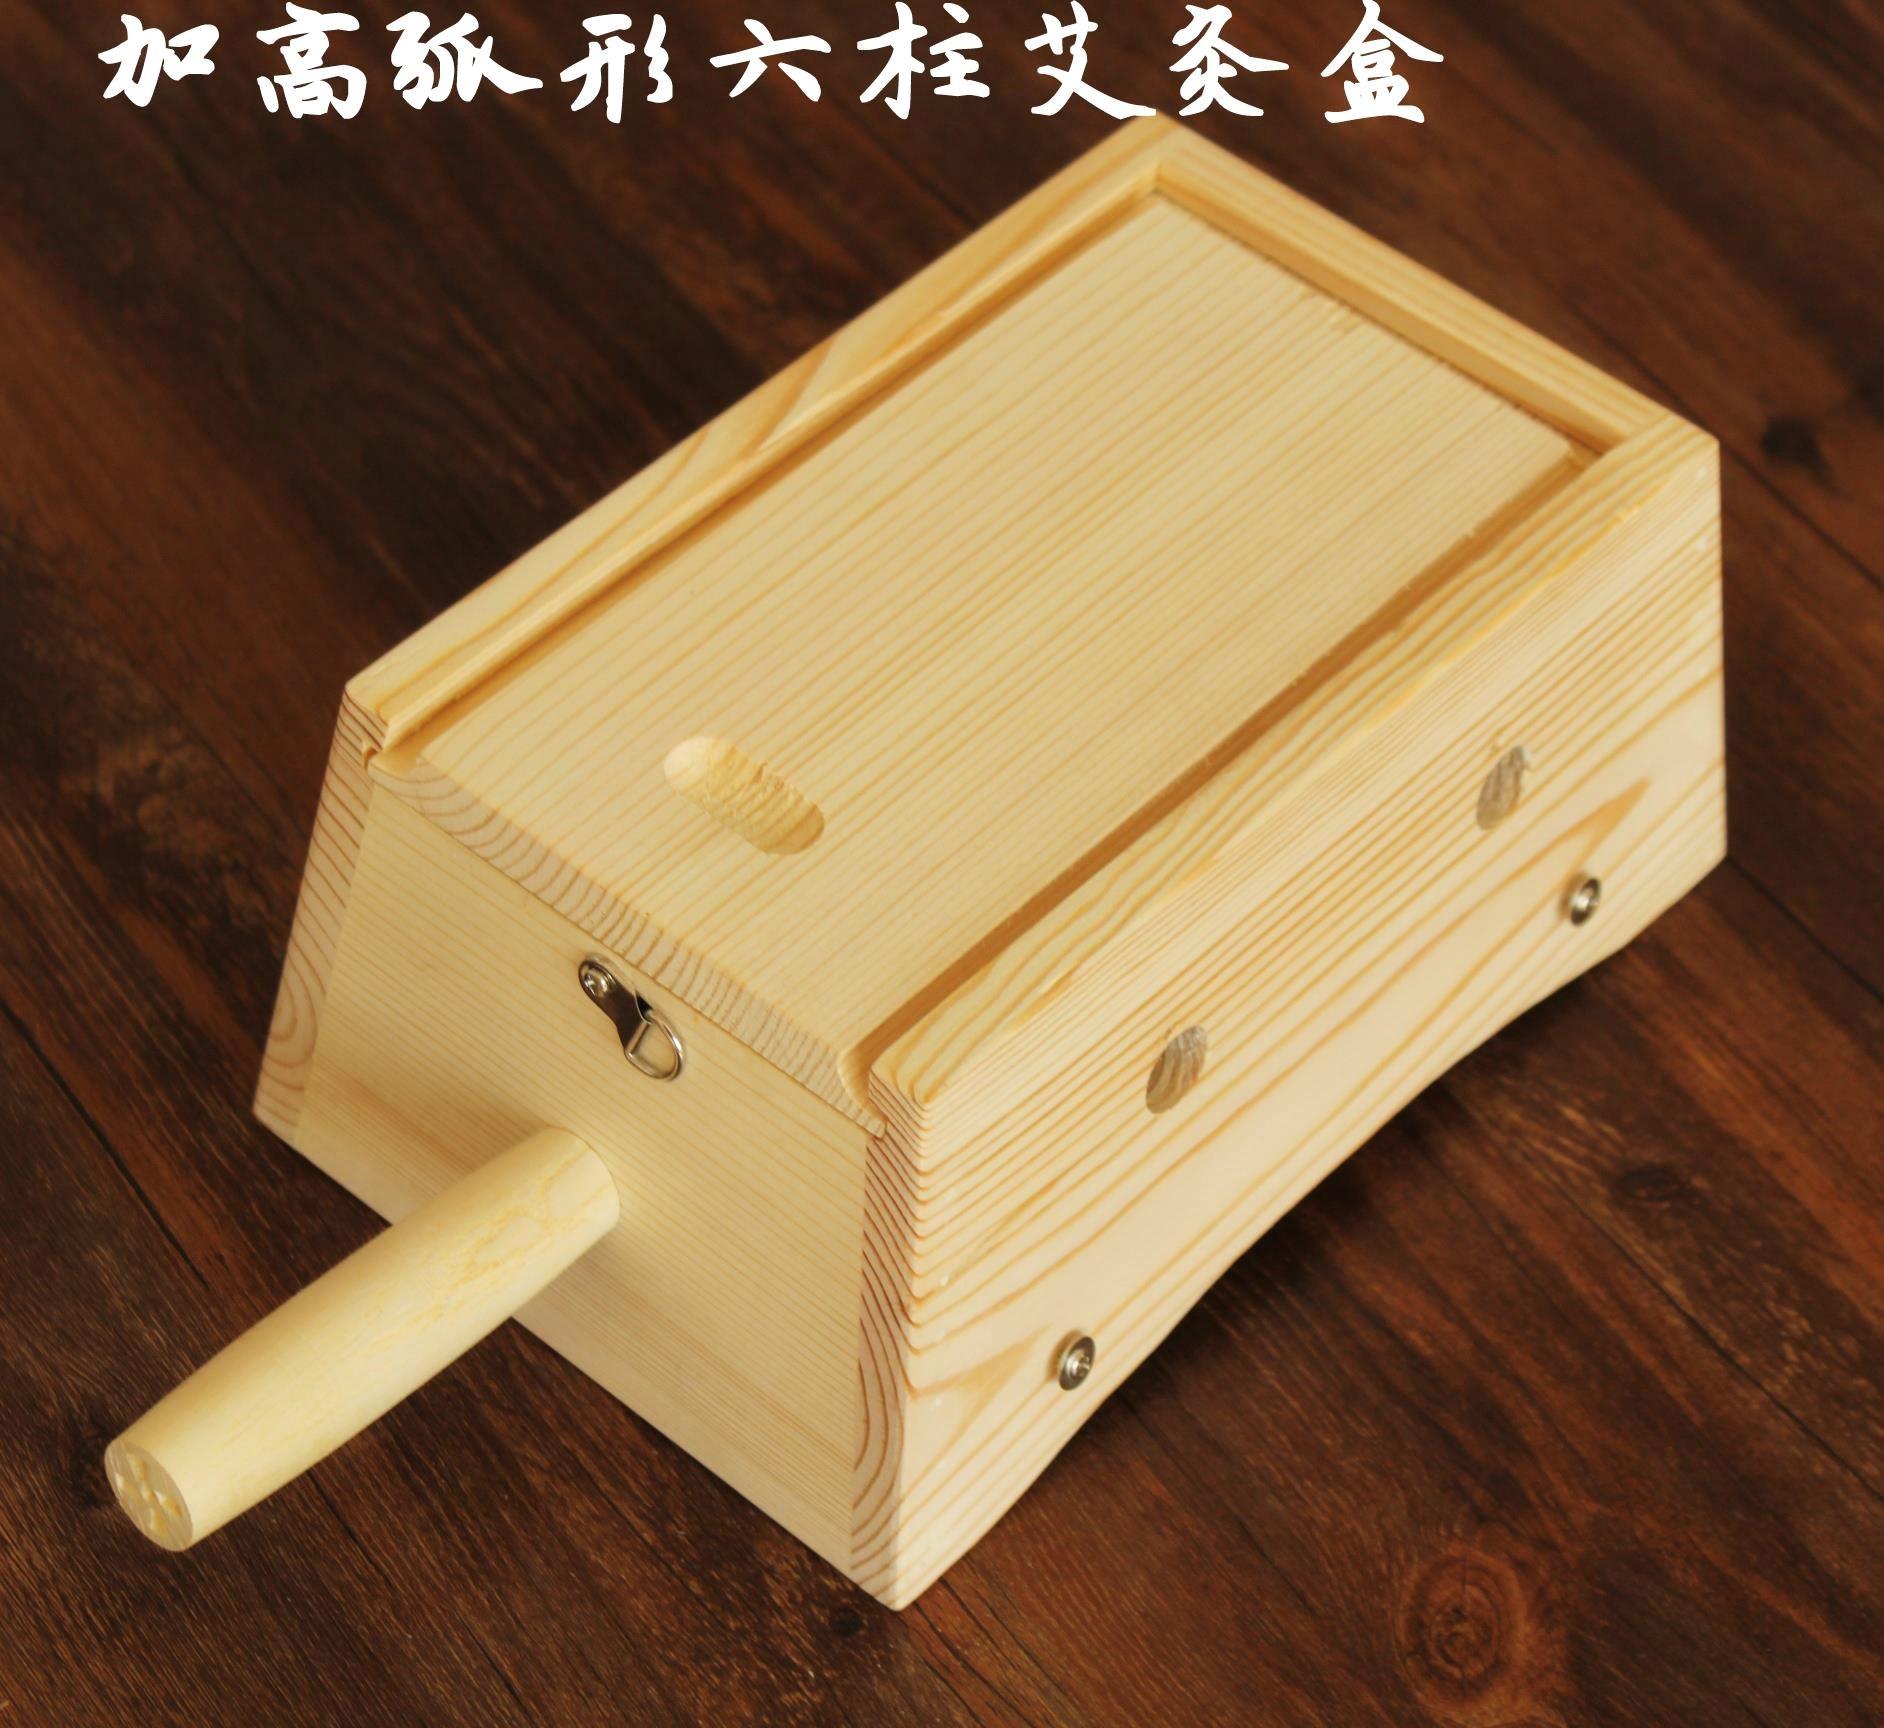 木质膝关节膝盖双腿家庭宫寒多孔全身长方形加高艾灸盒木制实木大